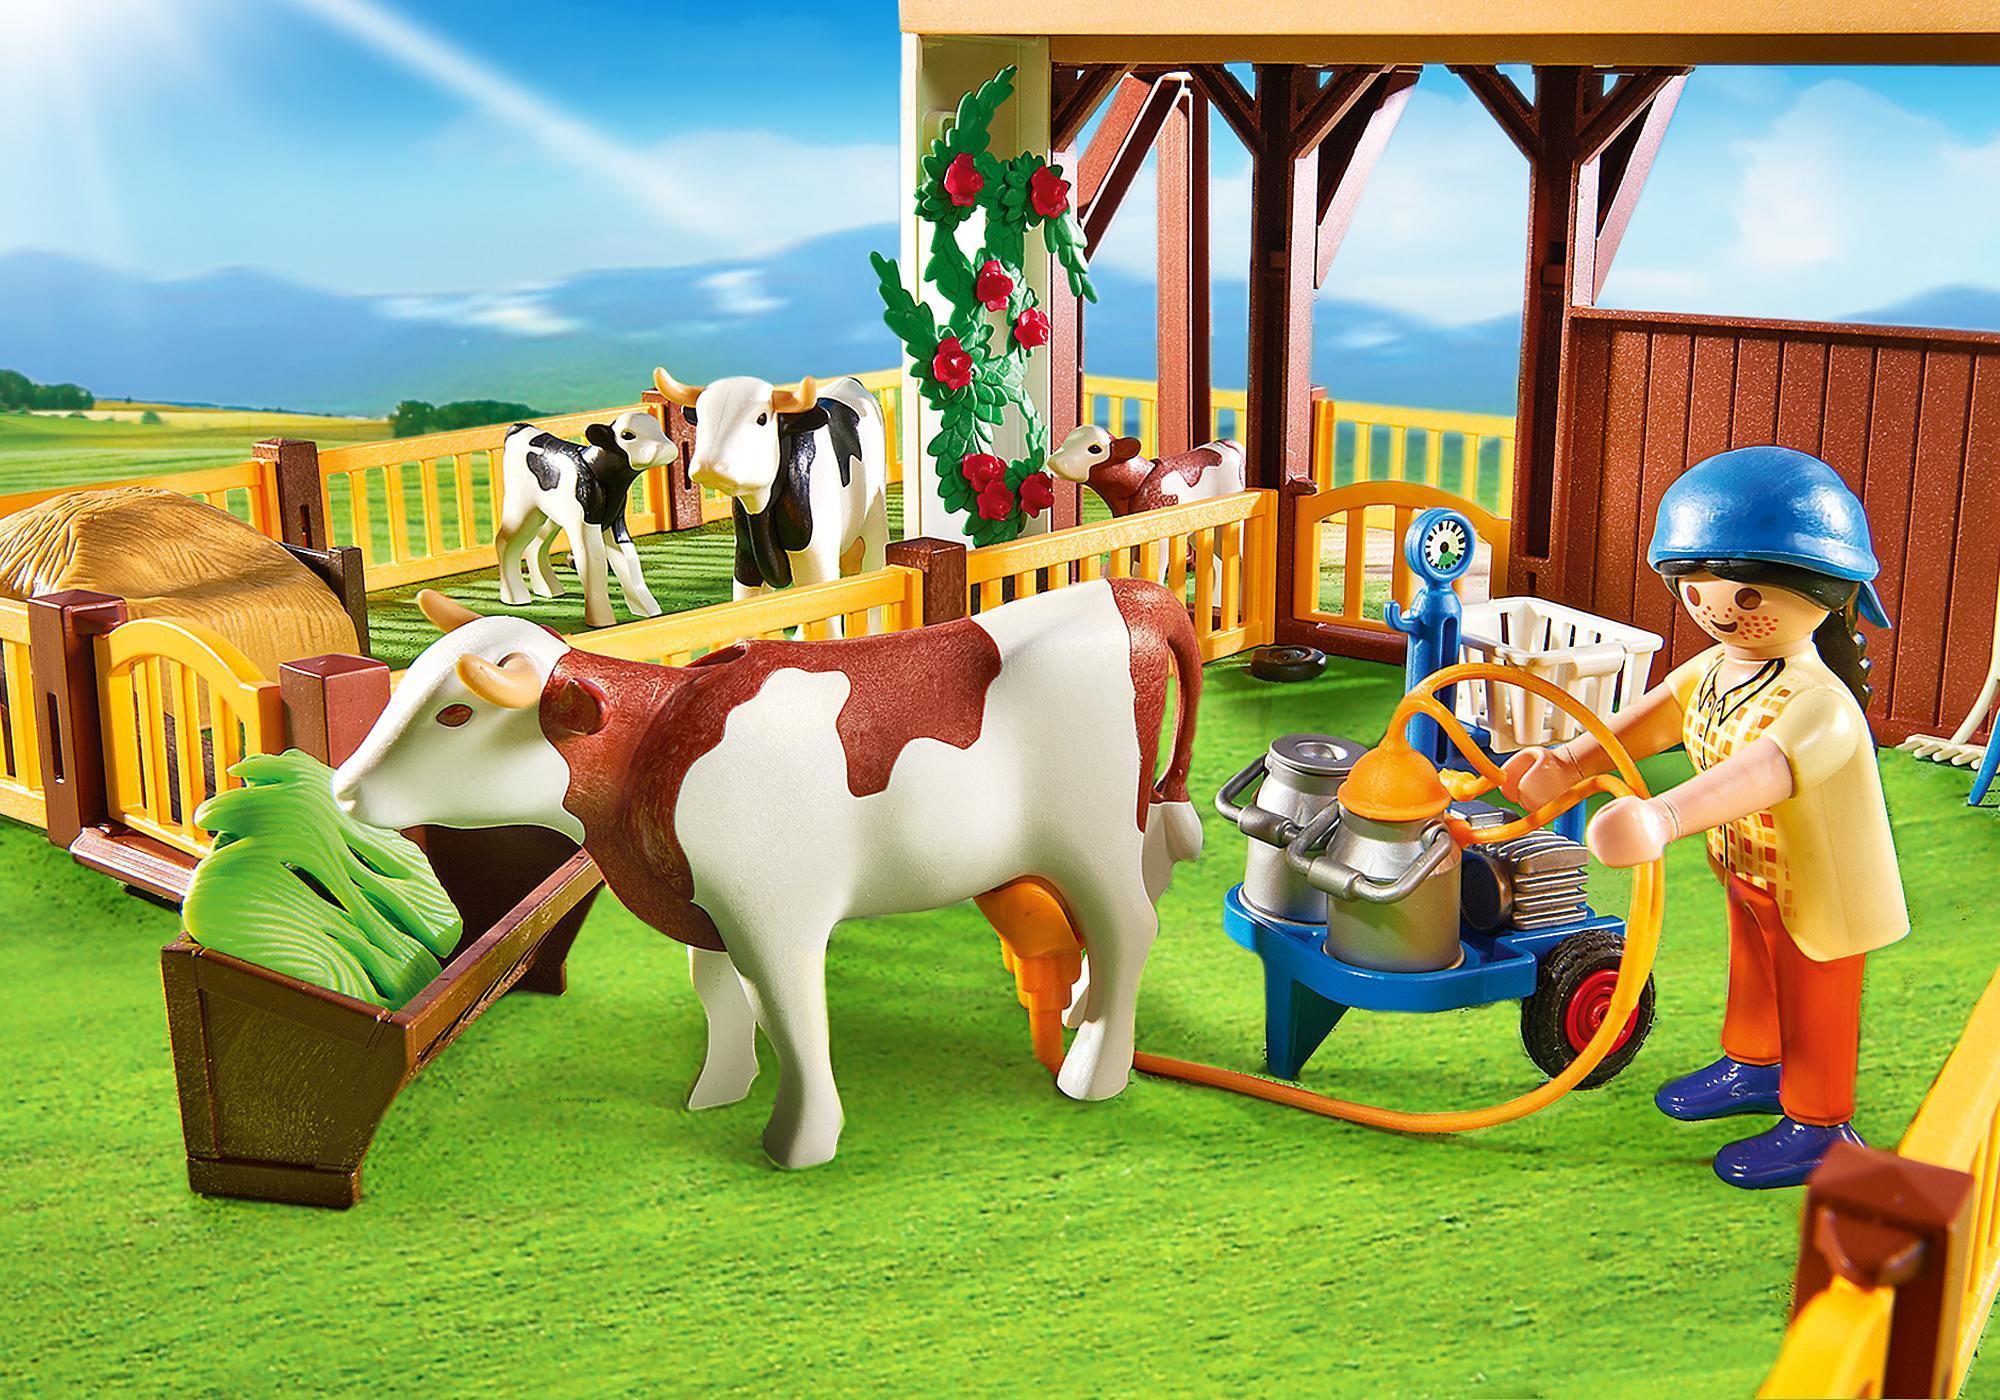 http://media.playmobil.com/i/playmobil/6120_product_extra1/Grande ferme